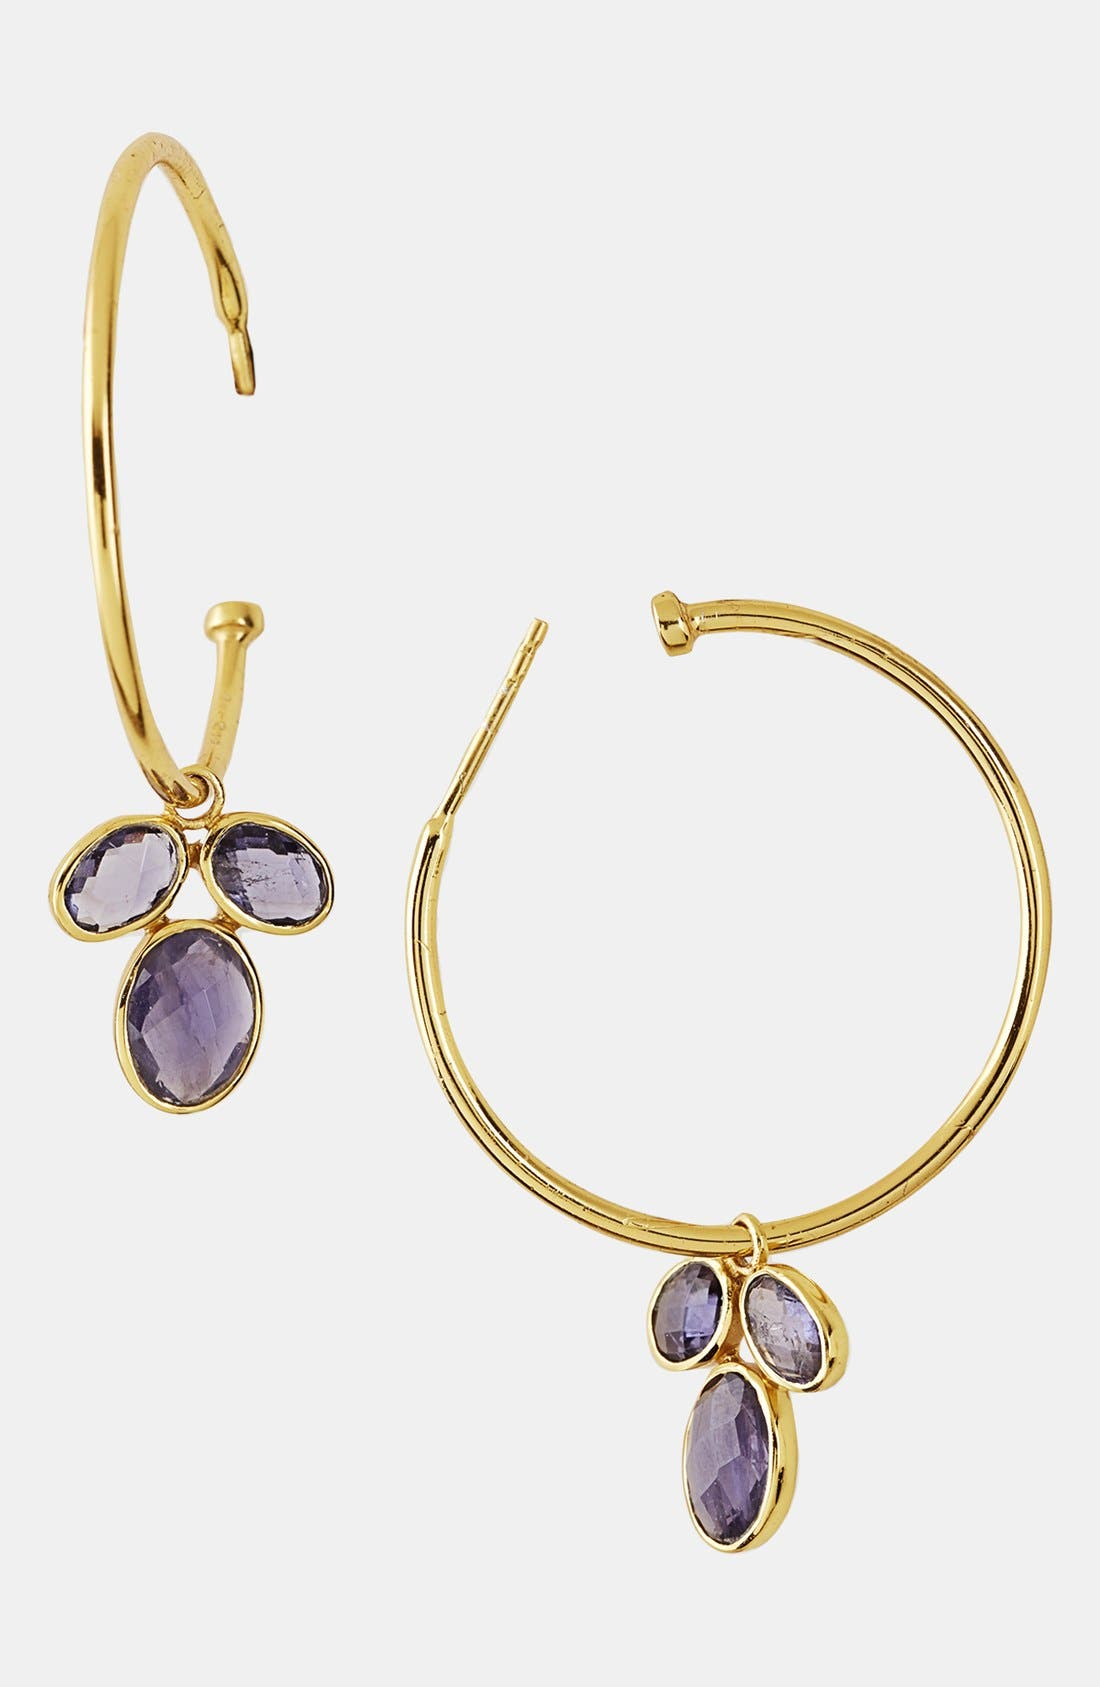 Alternate Image 1 Selected - Argento Vivo Cluster Charm Hoop Earrings